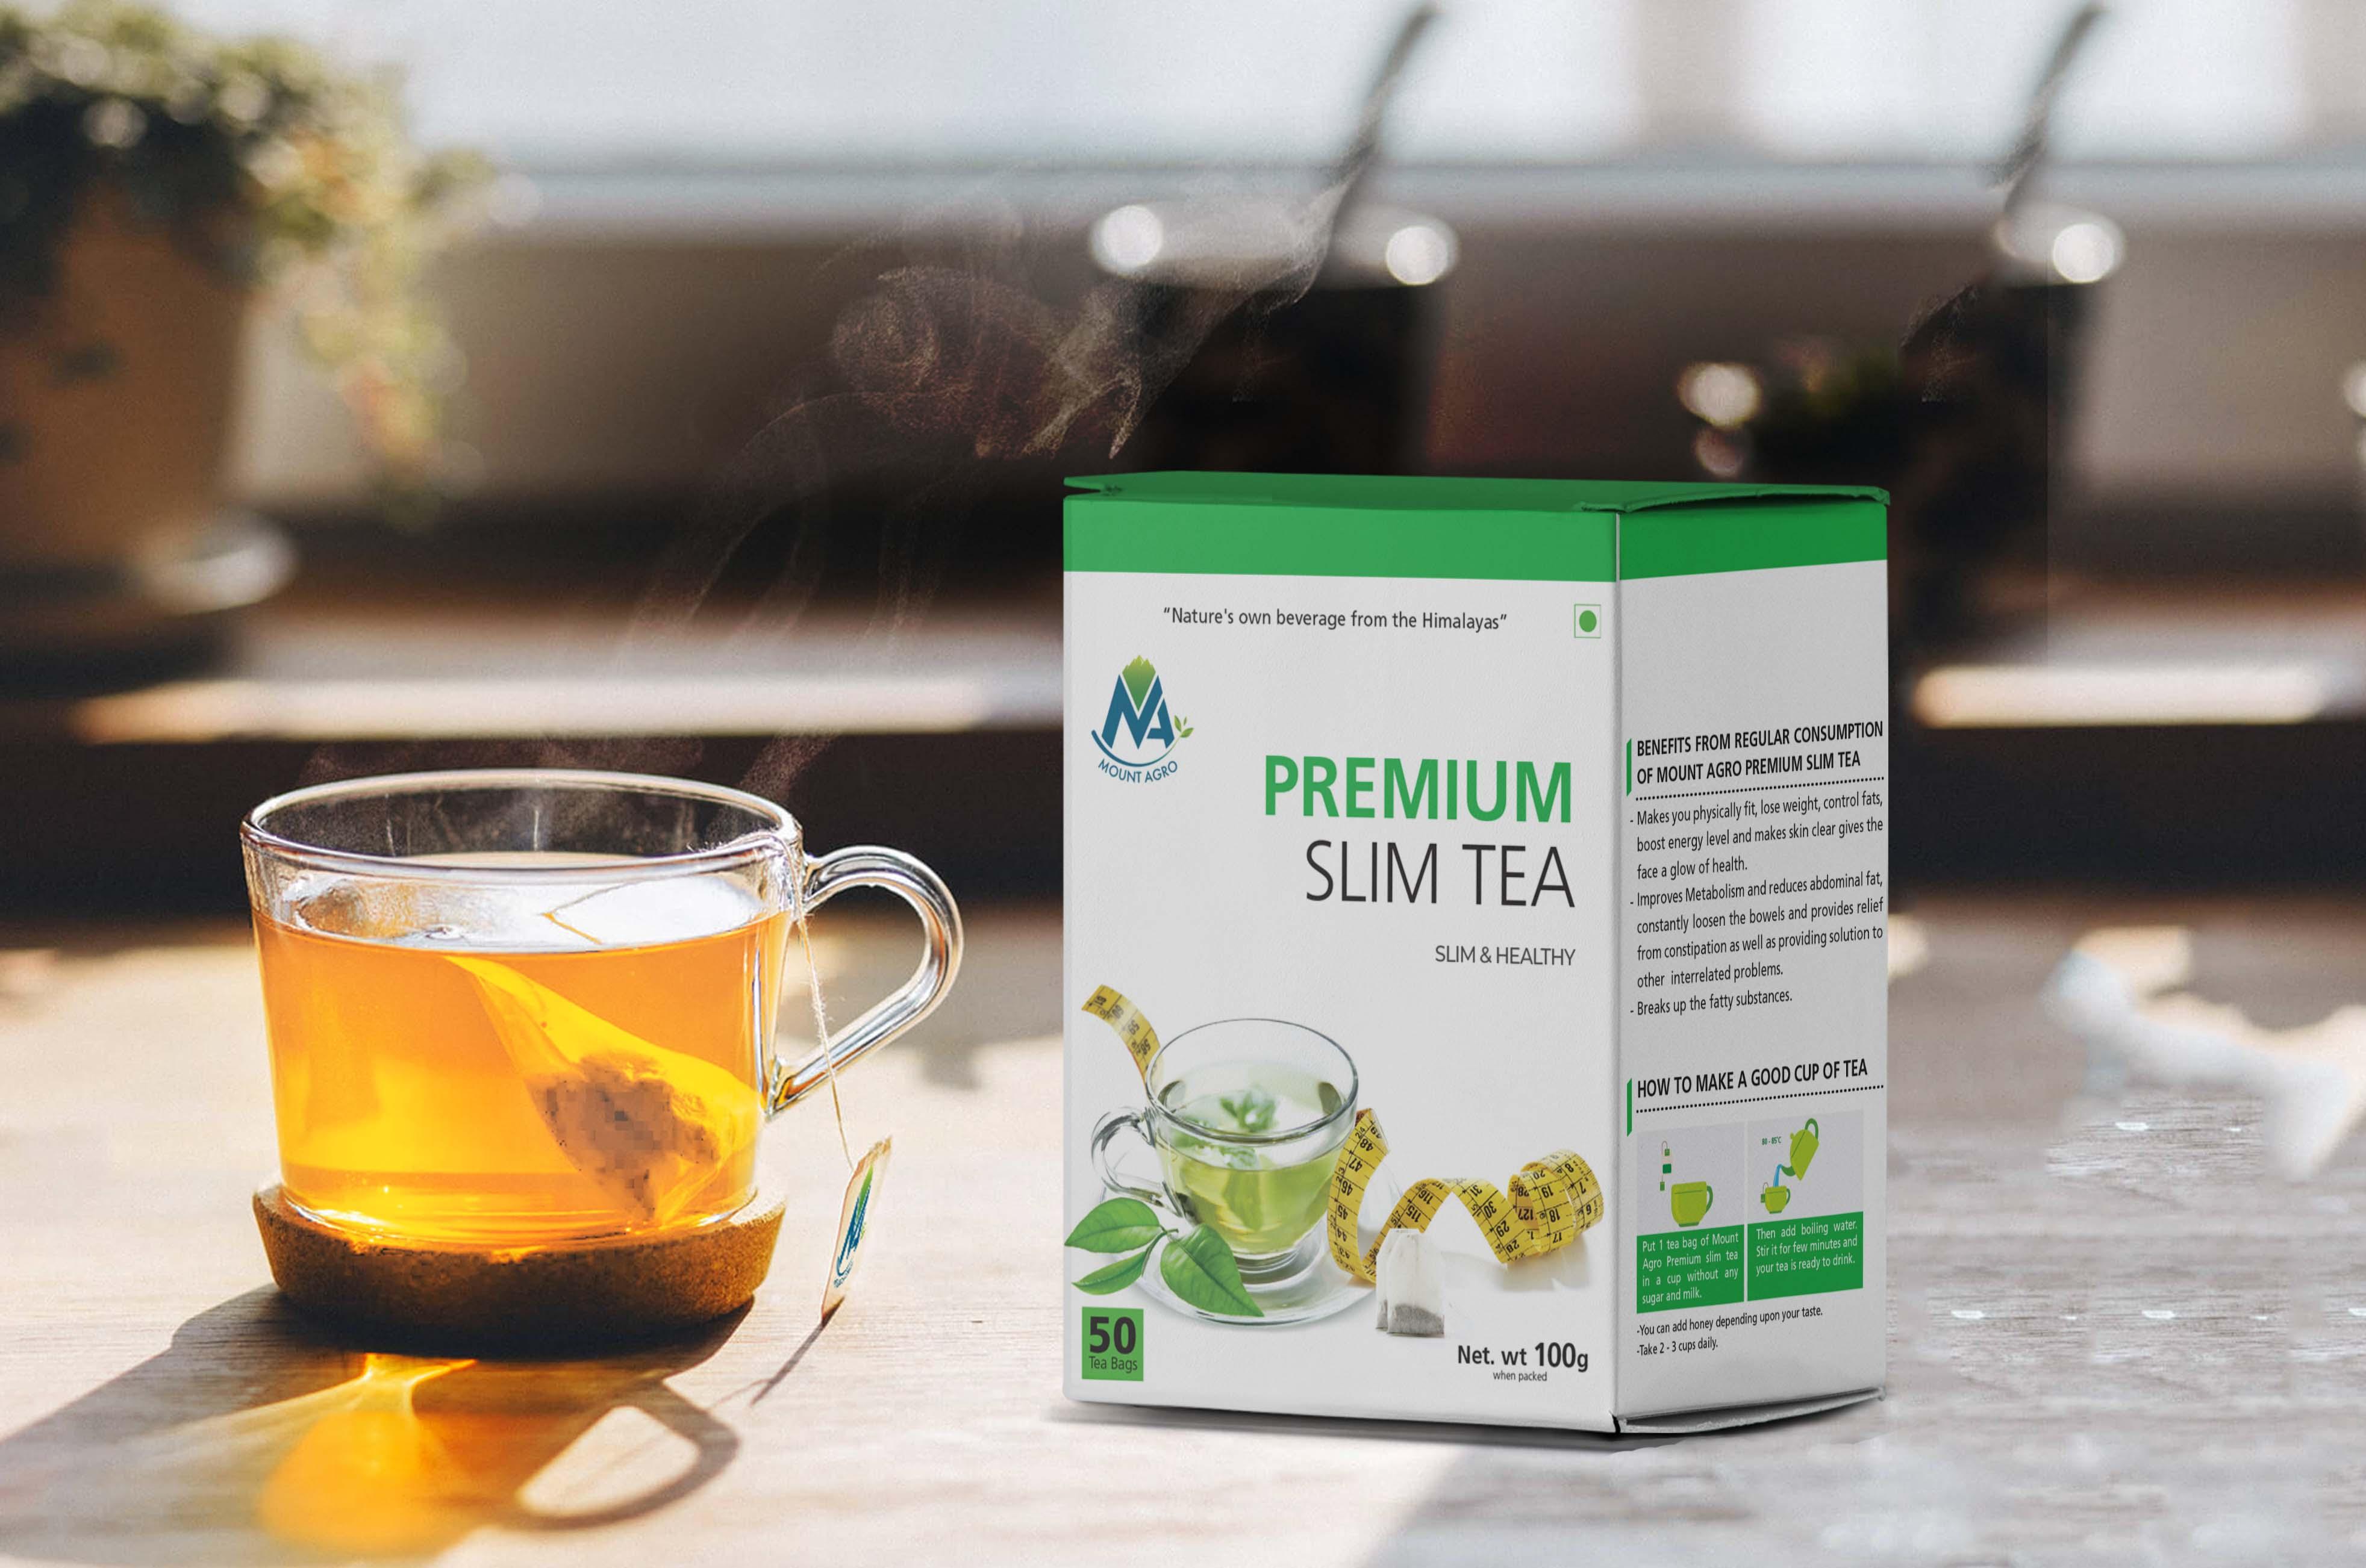 Premium Slim Tea